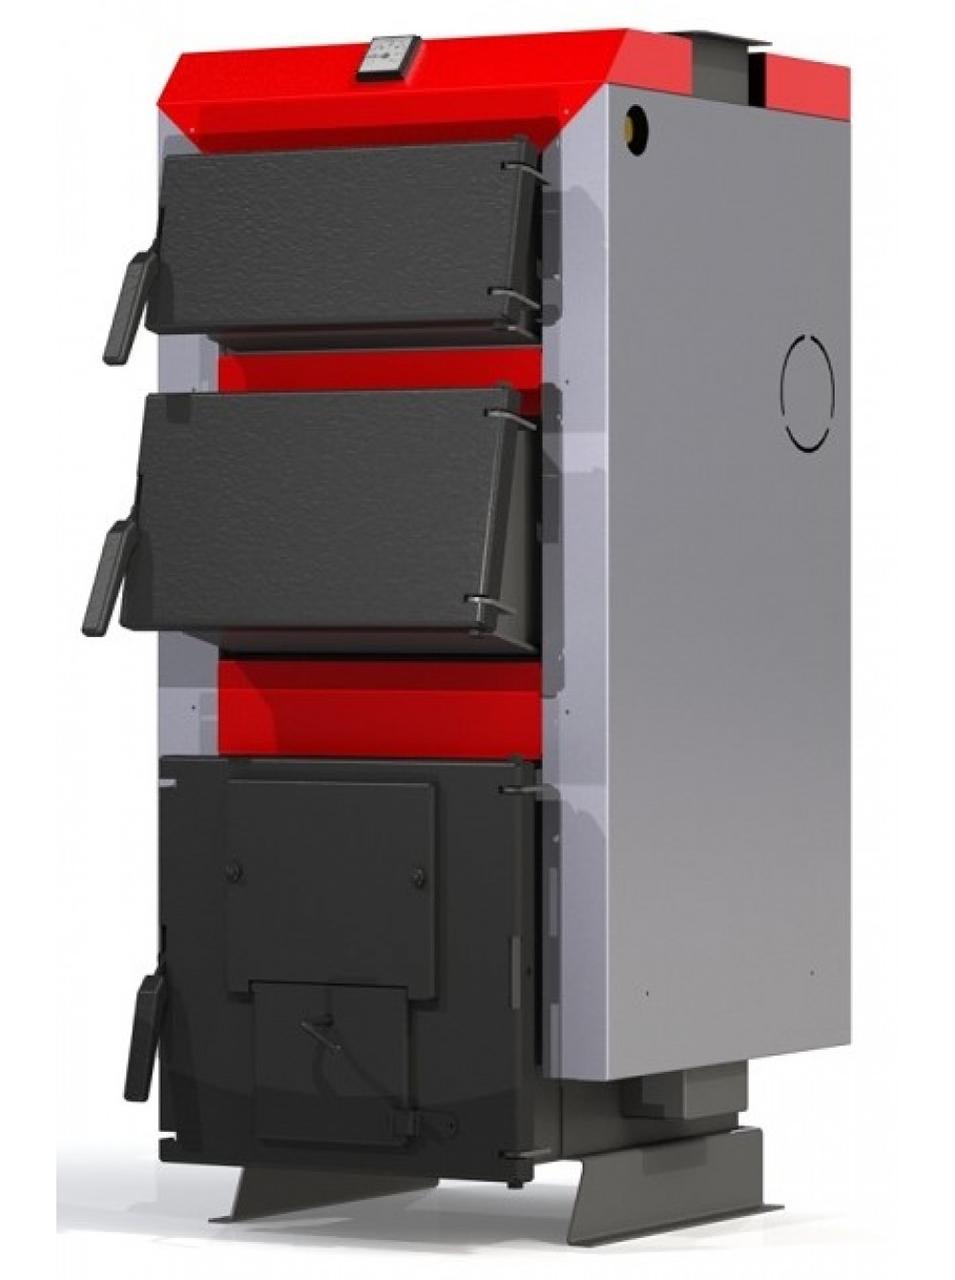 Твердотопливный котел ProTech ТТ-20 кВт ECO Line длительного горения на дровах, угле и брикетах